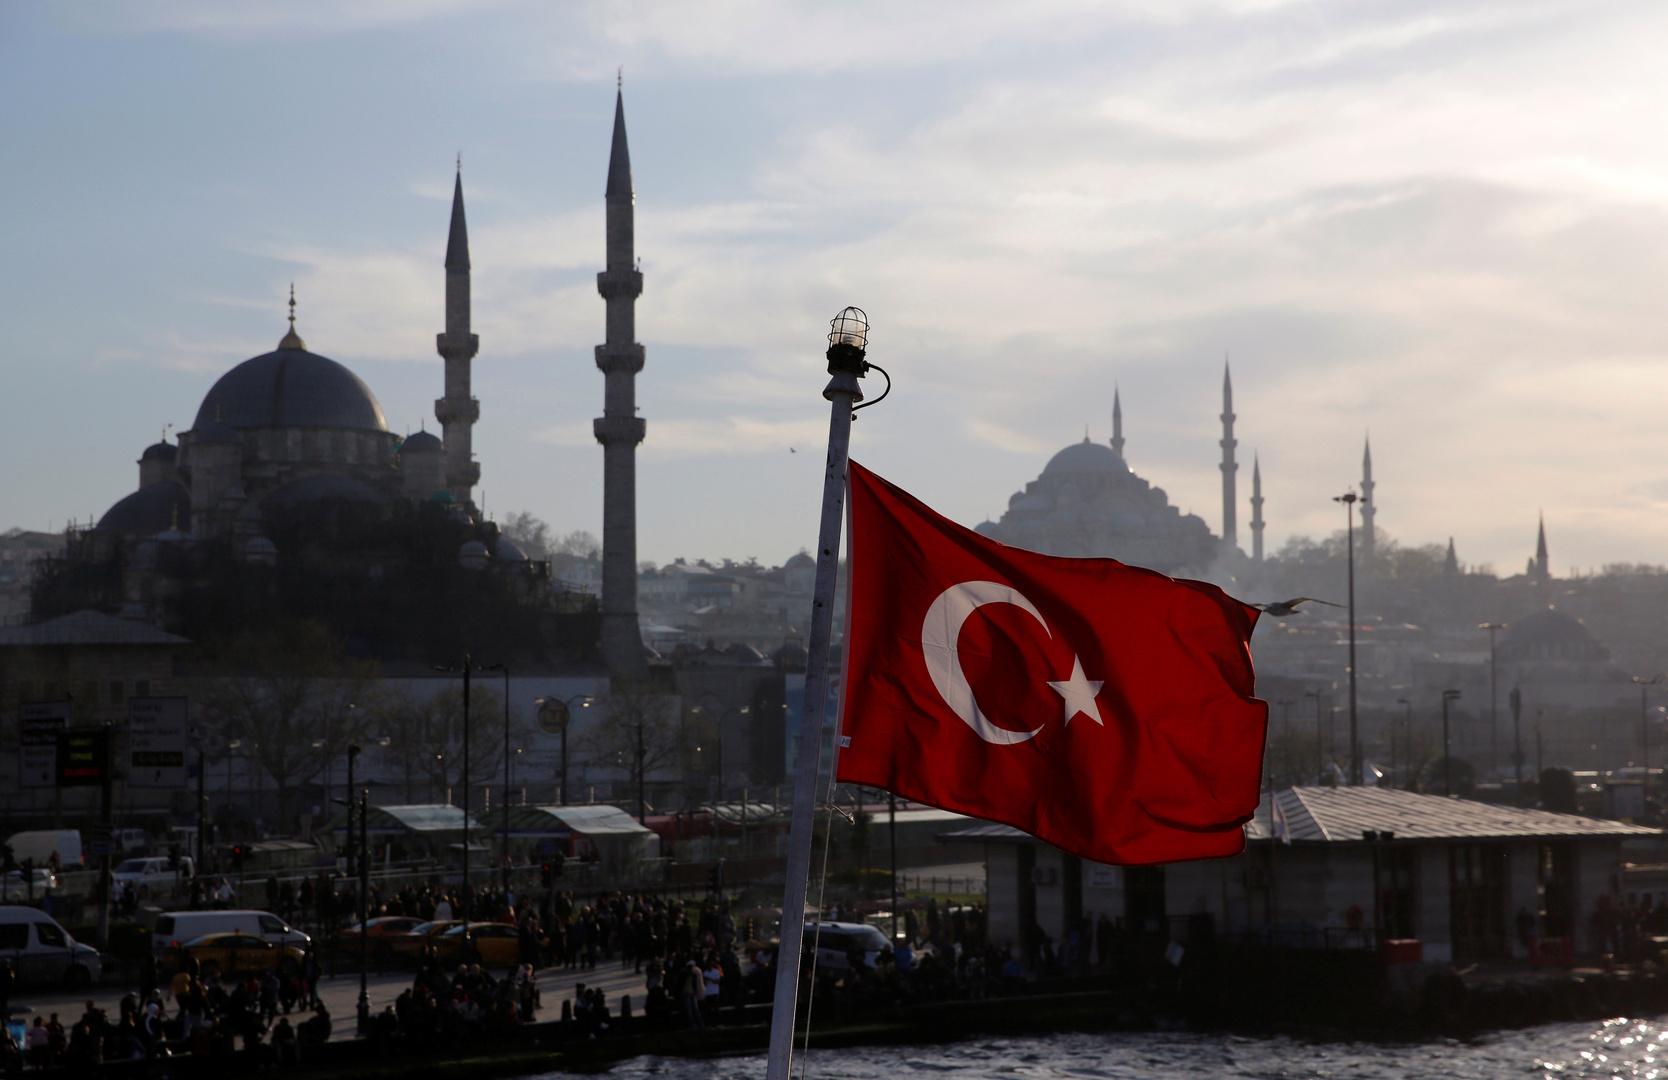 نائب أردوغان: علاقاتنا مع القاهرة لم تنقطع وندافع عن حقوق المصريين